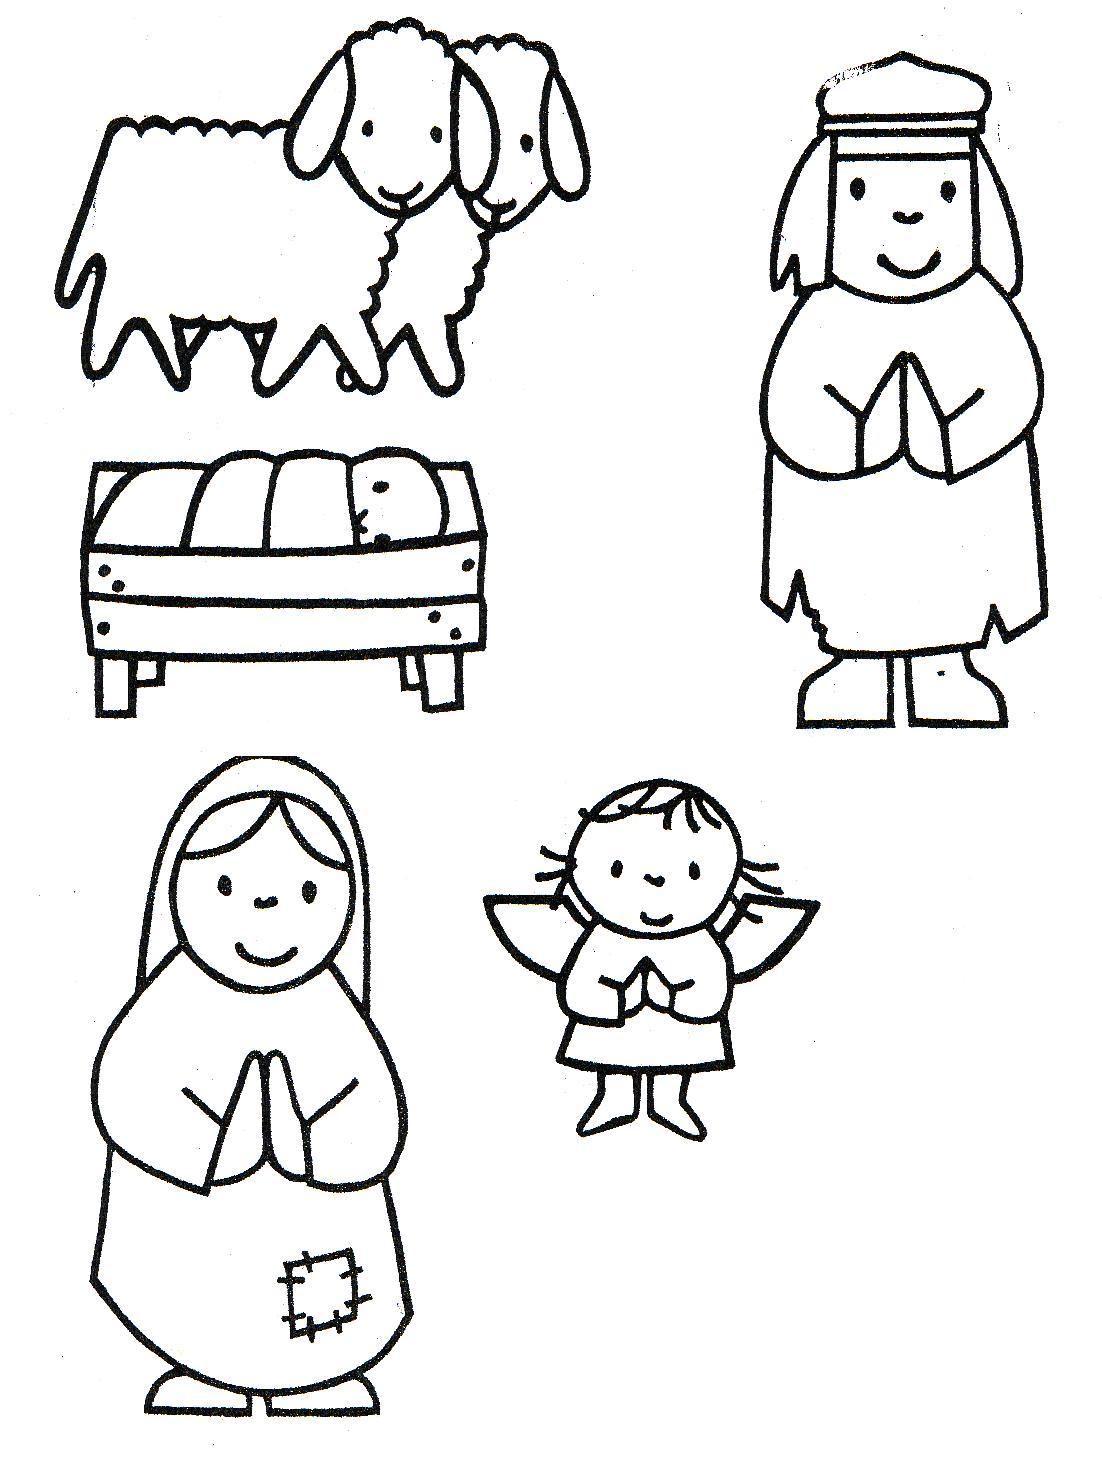 Kerststal Figuren Kleurplaten.Specifieke Onderwijsbehoeften Van Kleuters Jufels1 Yurls